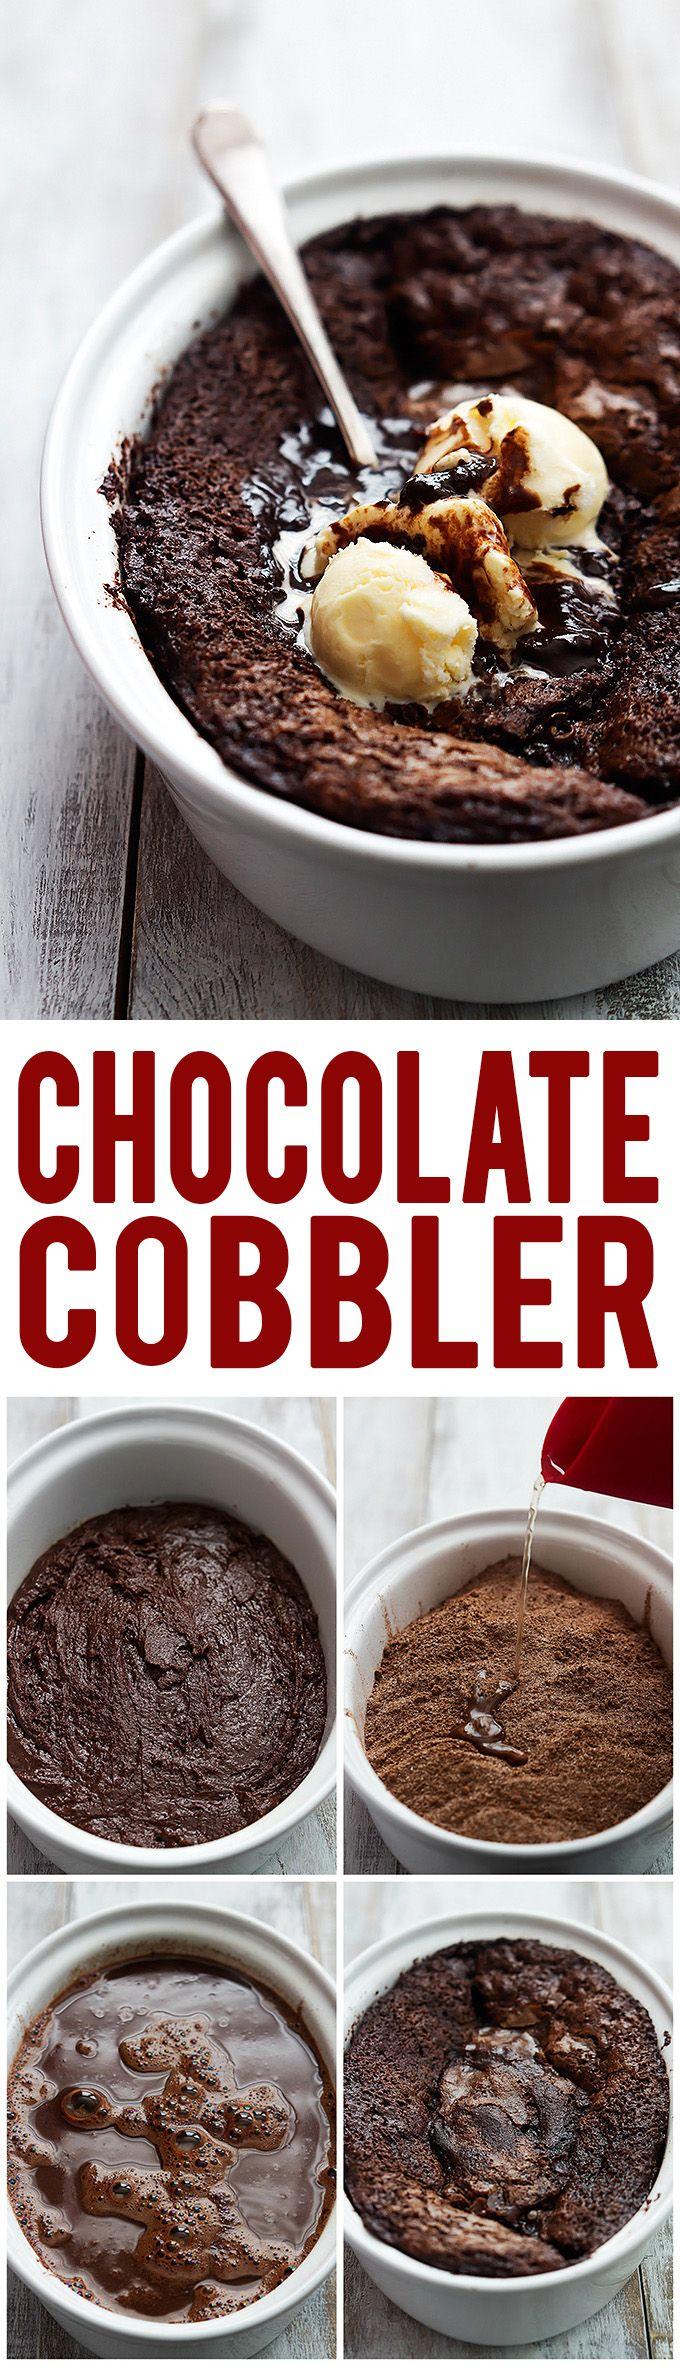 Best 25+ Chocolate cobbler ideas on Pinterest | Pie pie, 3 2 1 ...